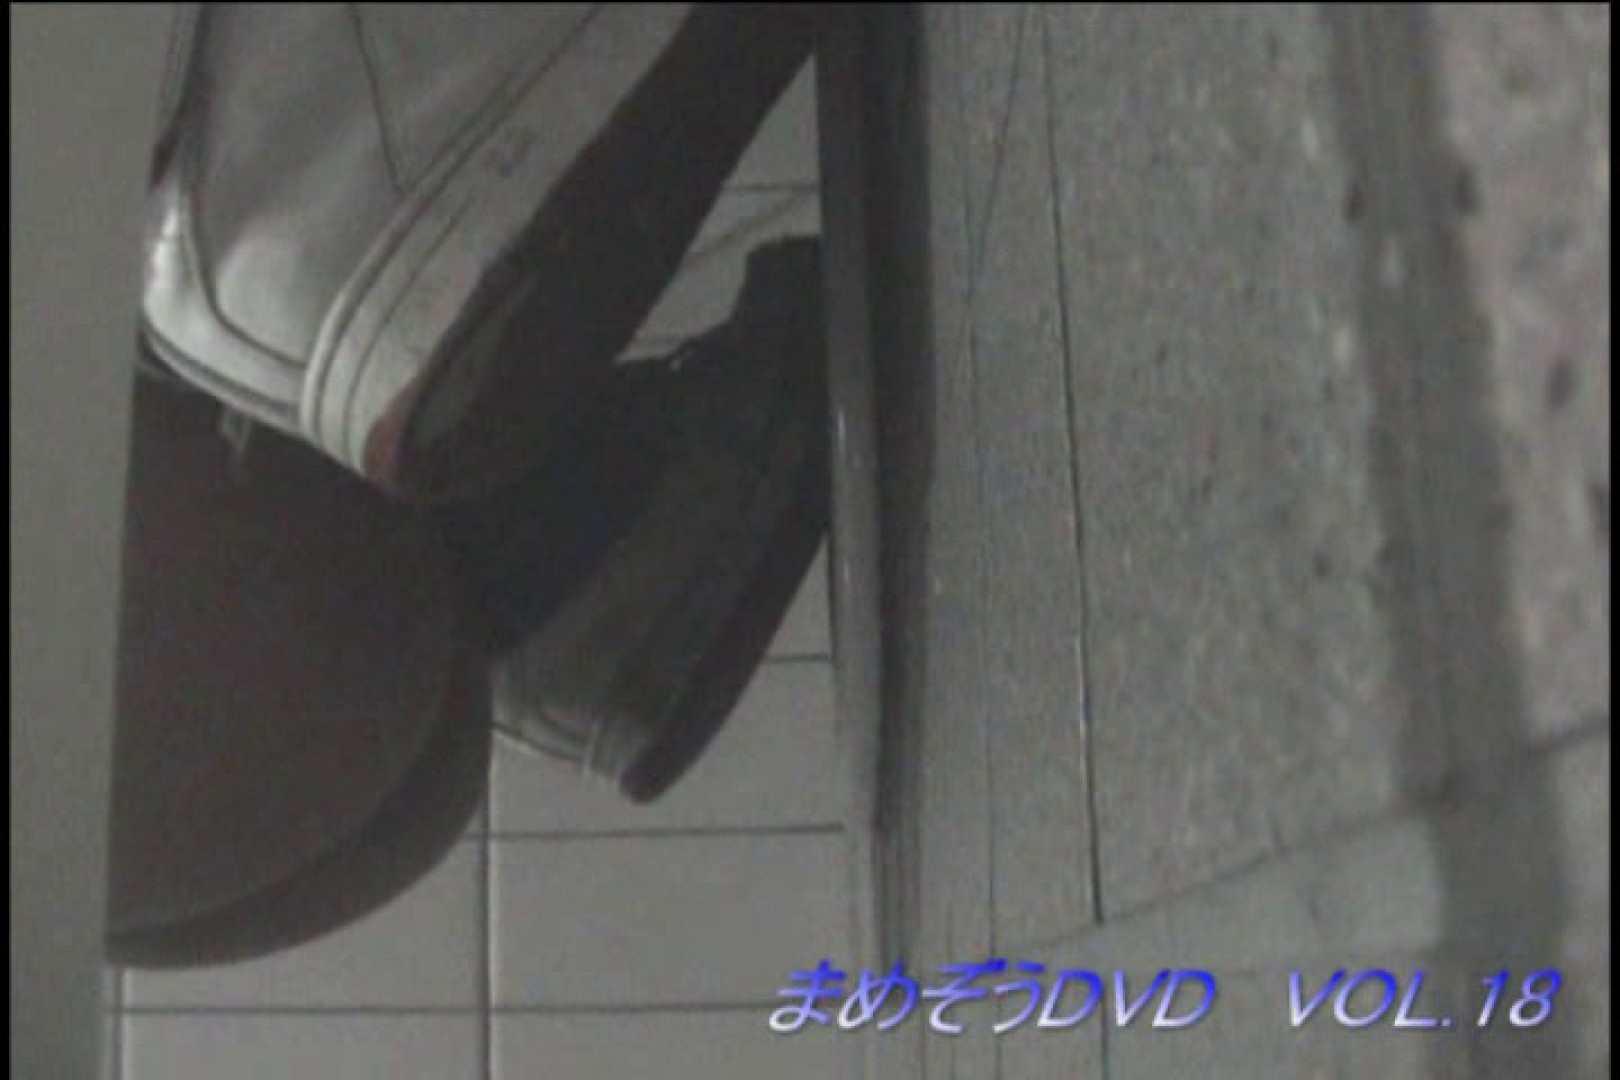 まめぞうDVD完全版VOL.18 ギャル盗撮映像   OLのボディ  76PIX 69